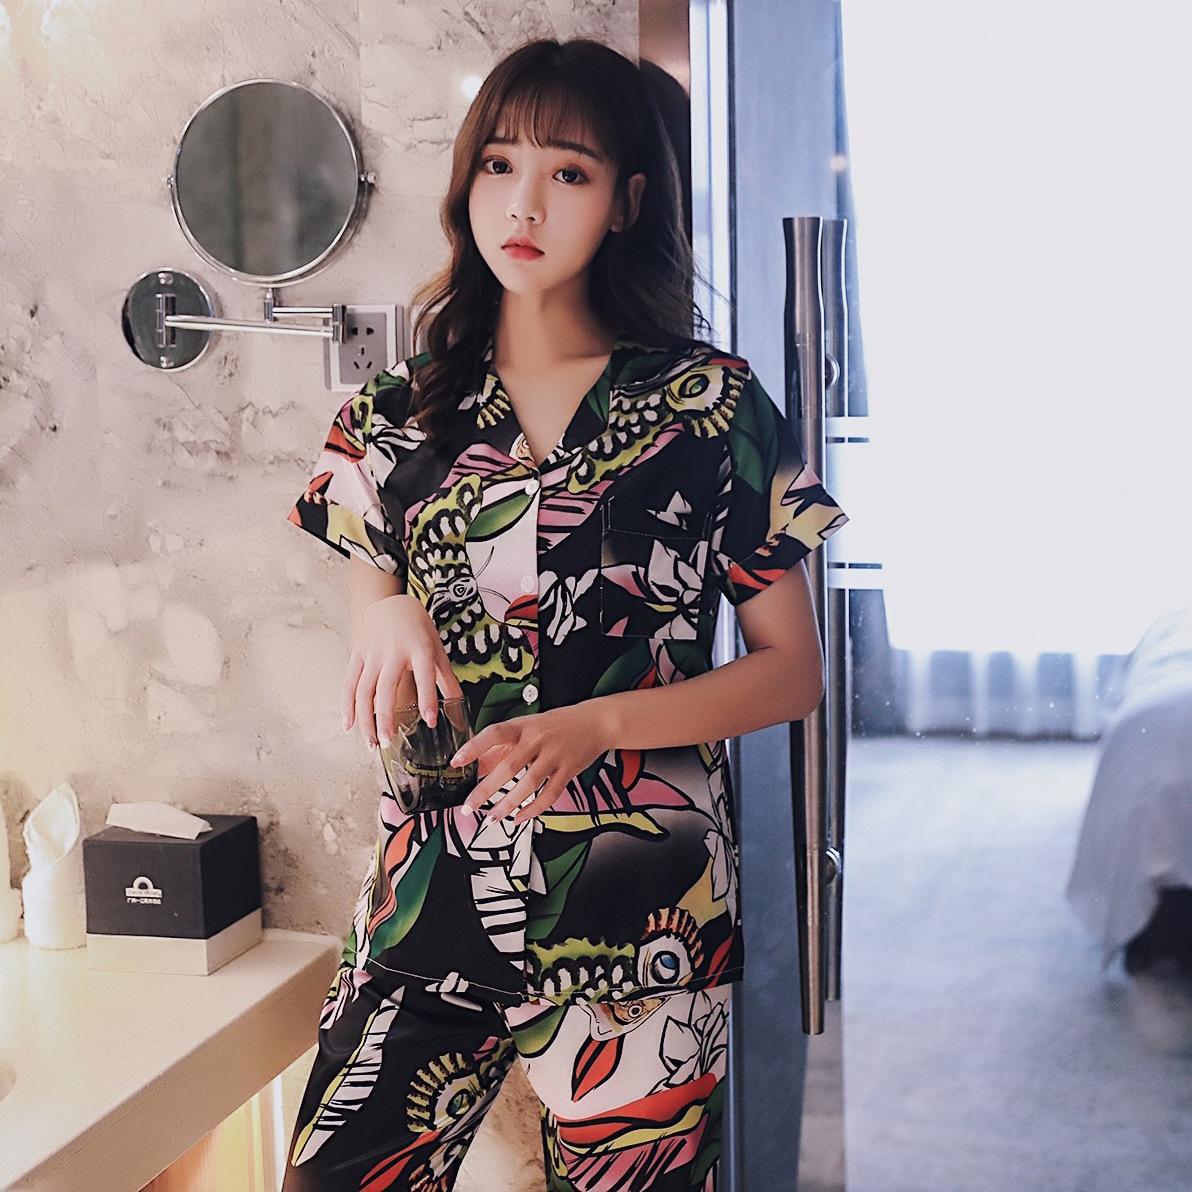 Impressão de Verão pijamas de manga curta Tops com calças compridas Mulheres Início Terno Confortável macio manga curta Calças Mulheres Pijama T200429